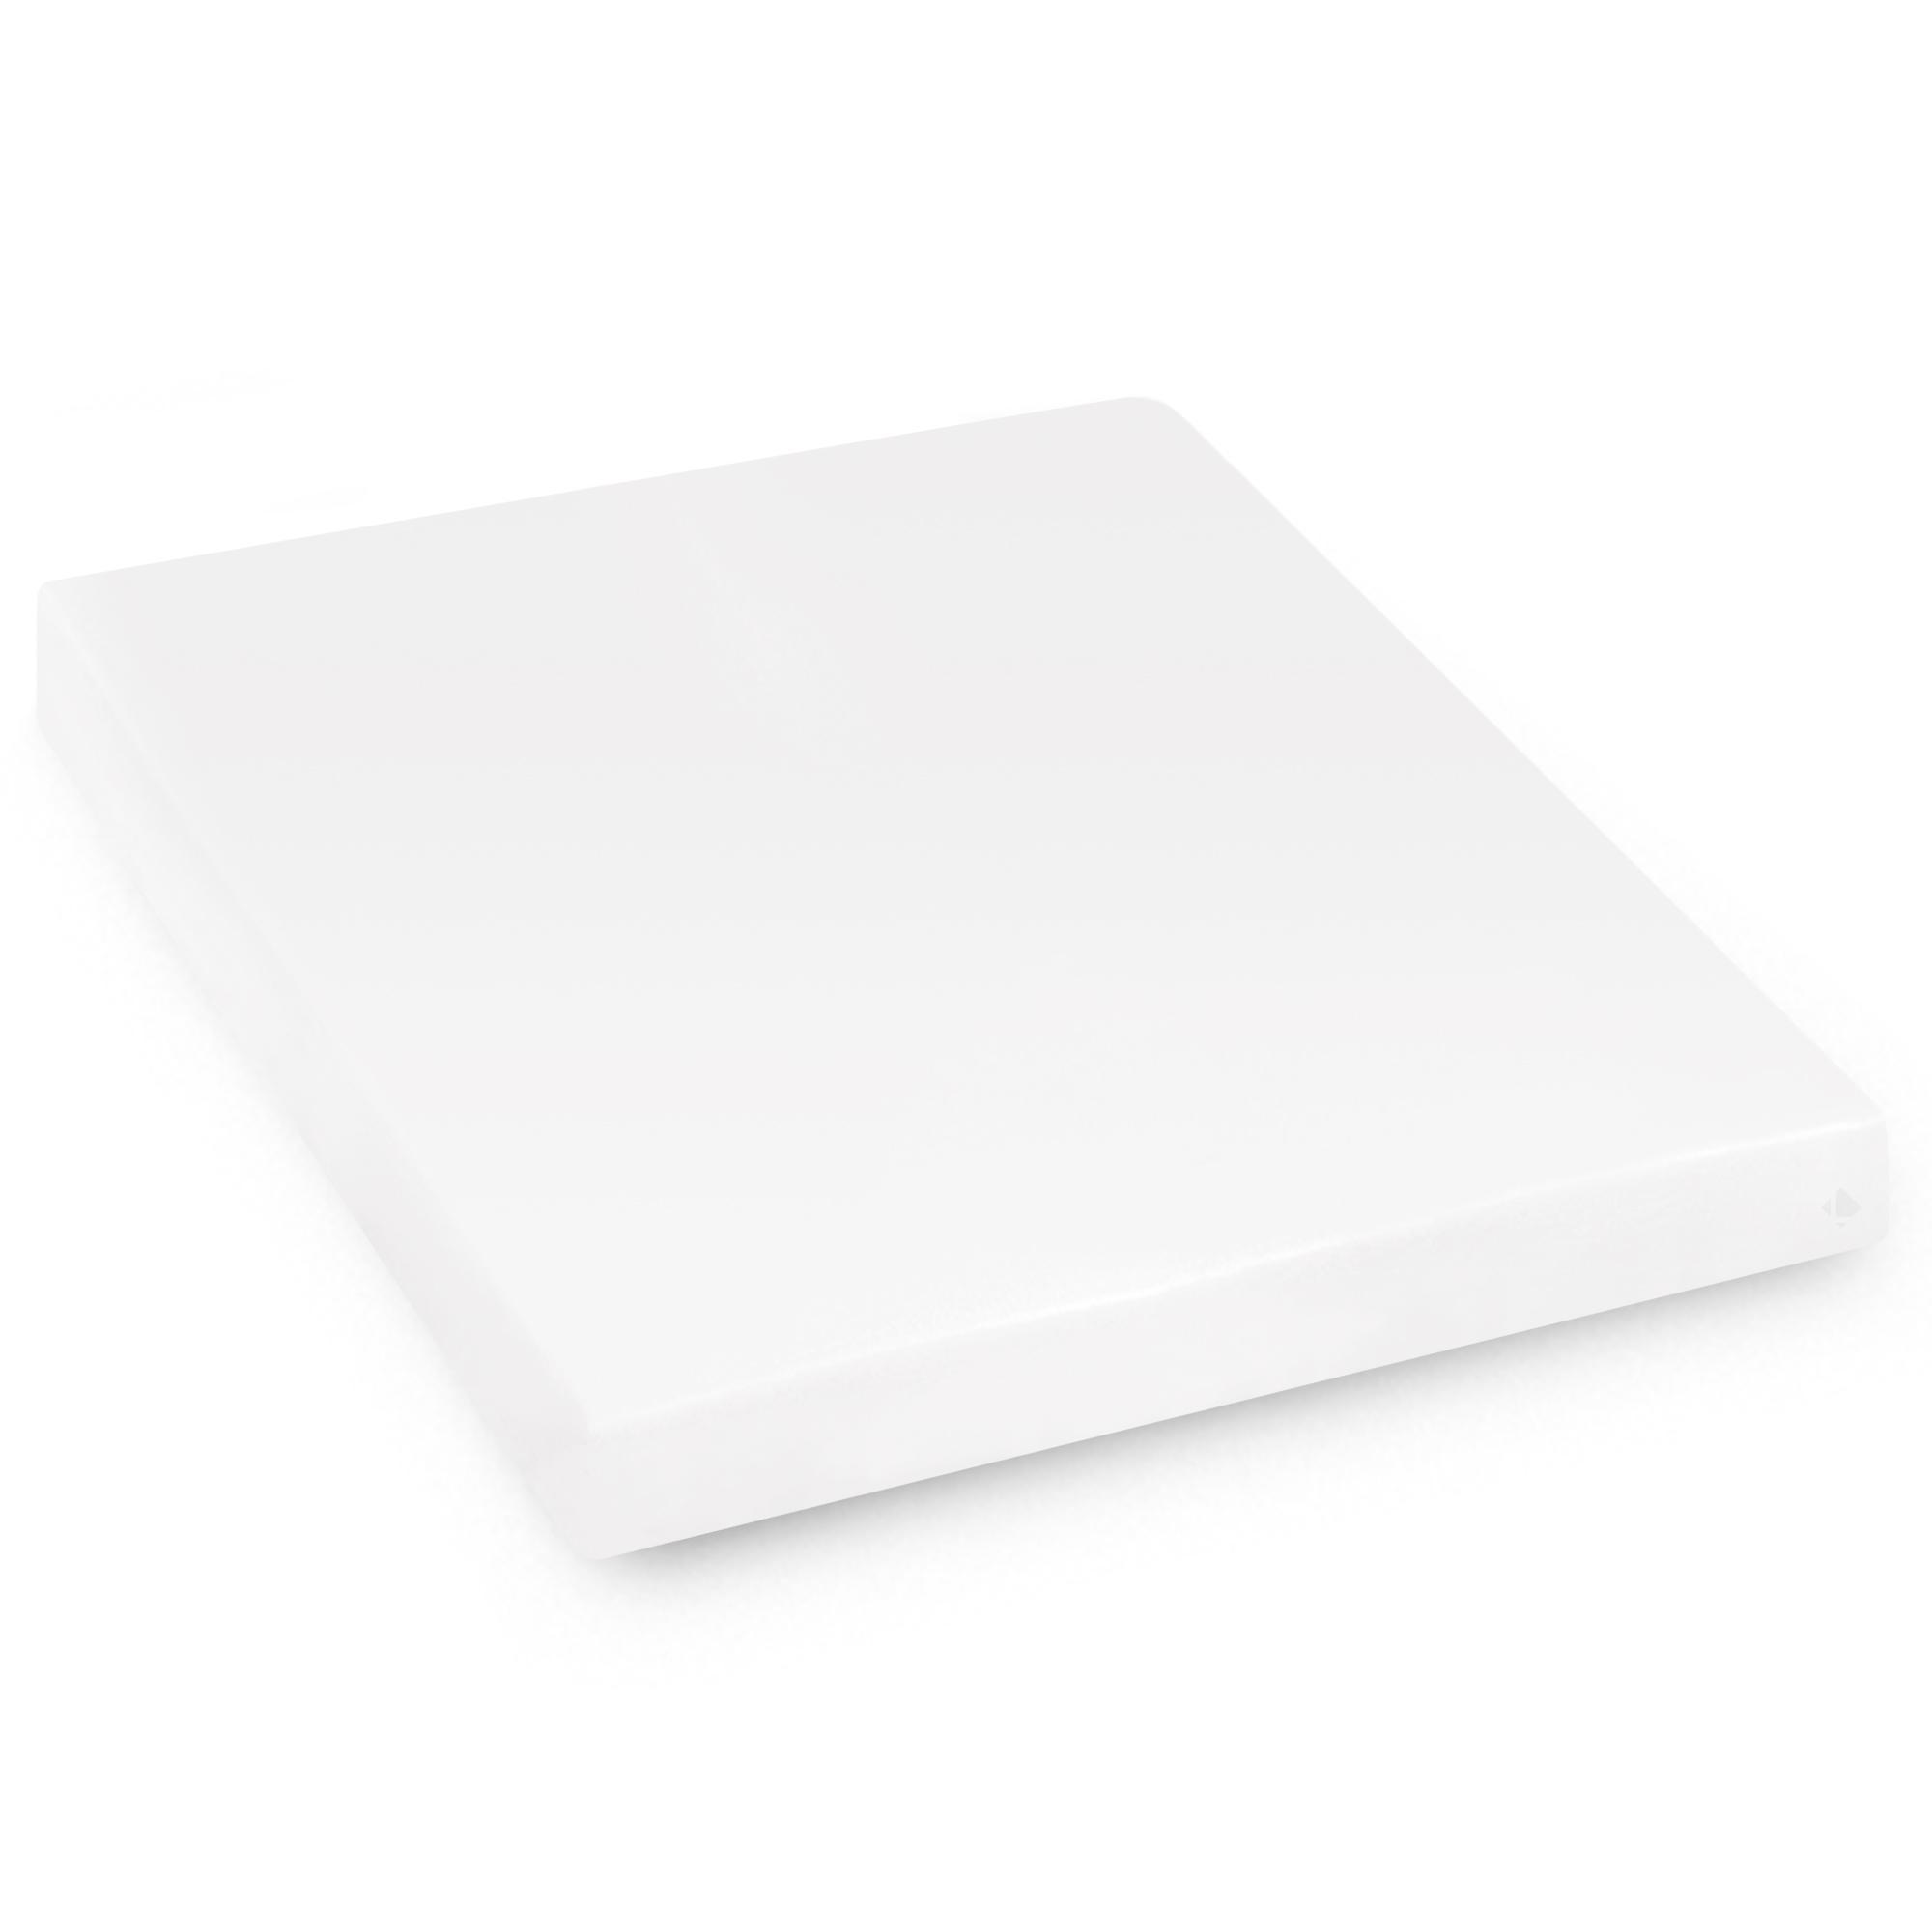 prot ge matelas imperm able 200x200 cm bonnet 23cm arnon molleton 100 coton contrecoll. Black Bedroom Furniture Sets. Home Design Ideas